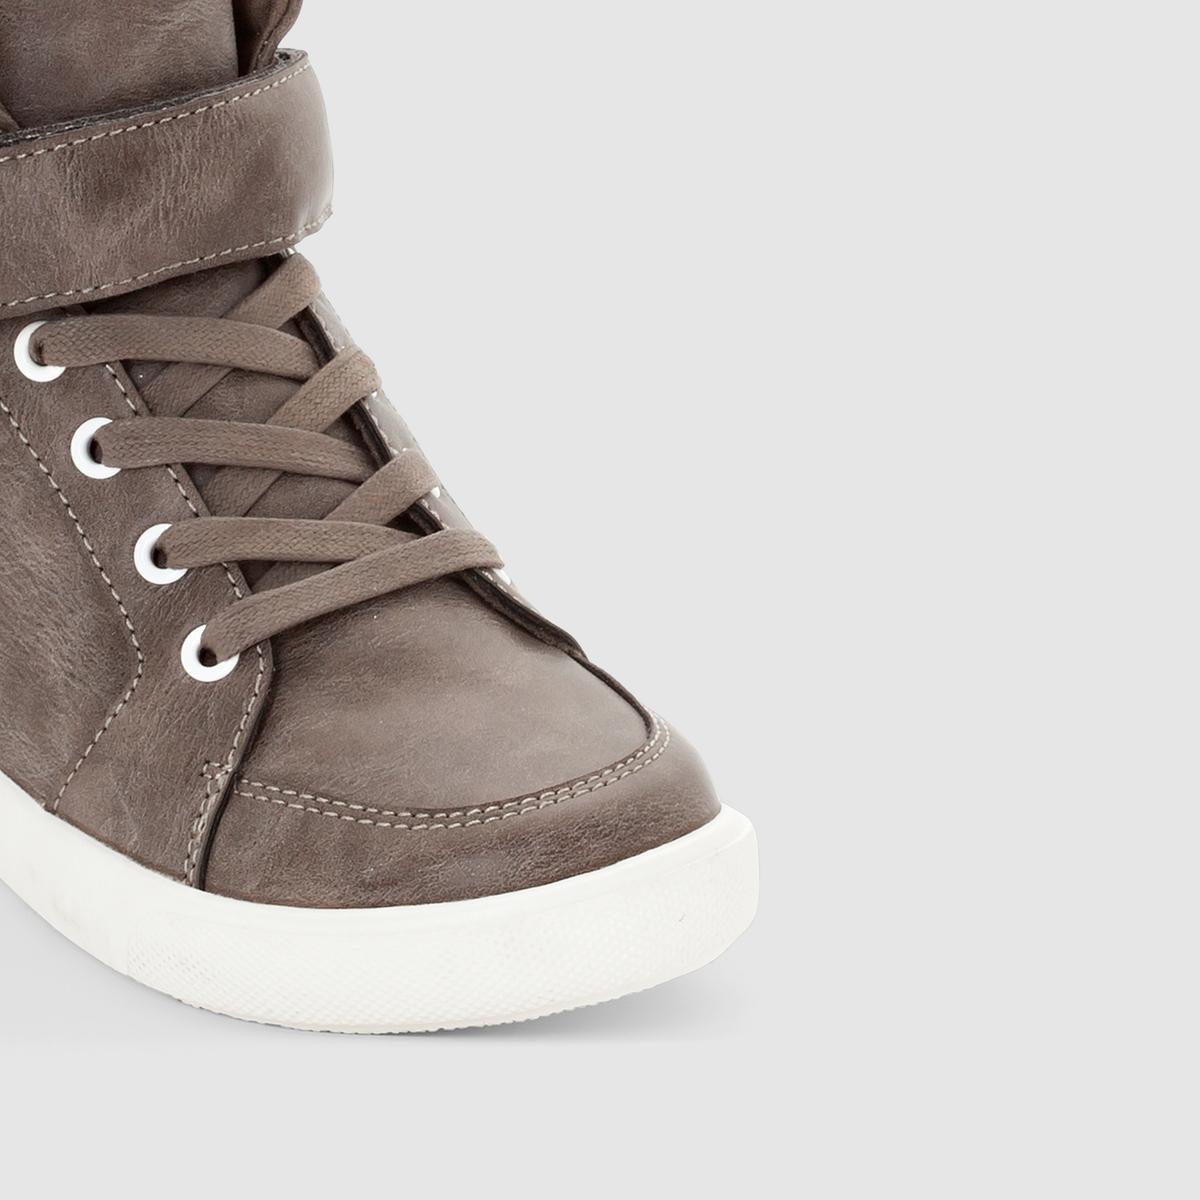 Кеды высокие на шнуровке и застежке-липучкеКеды высокие на шнуровке и застежке-липучке, abcd R .Верх: синтетика.Подкладка: текстиль.Стелька : текстиль.Подошва: эластомер.Застежка : шнуровка и планка-велкро Актуальная модель, планка-велкро обеспечивает стильный вид и прекрасную поддержку: высокие кеды, которые можно носить как в школе, так и на отдыхе !<br><br>Цвет: серый<br>Размер: 31